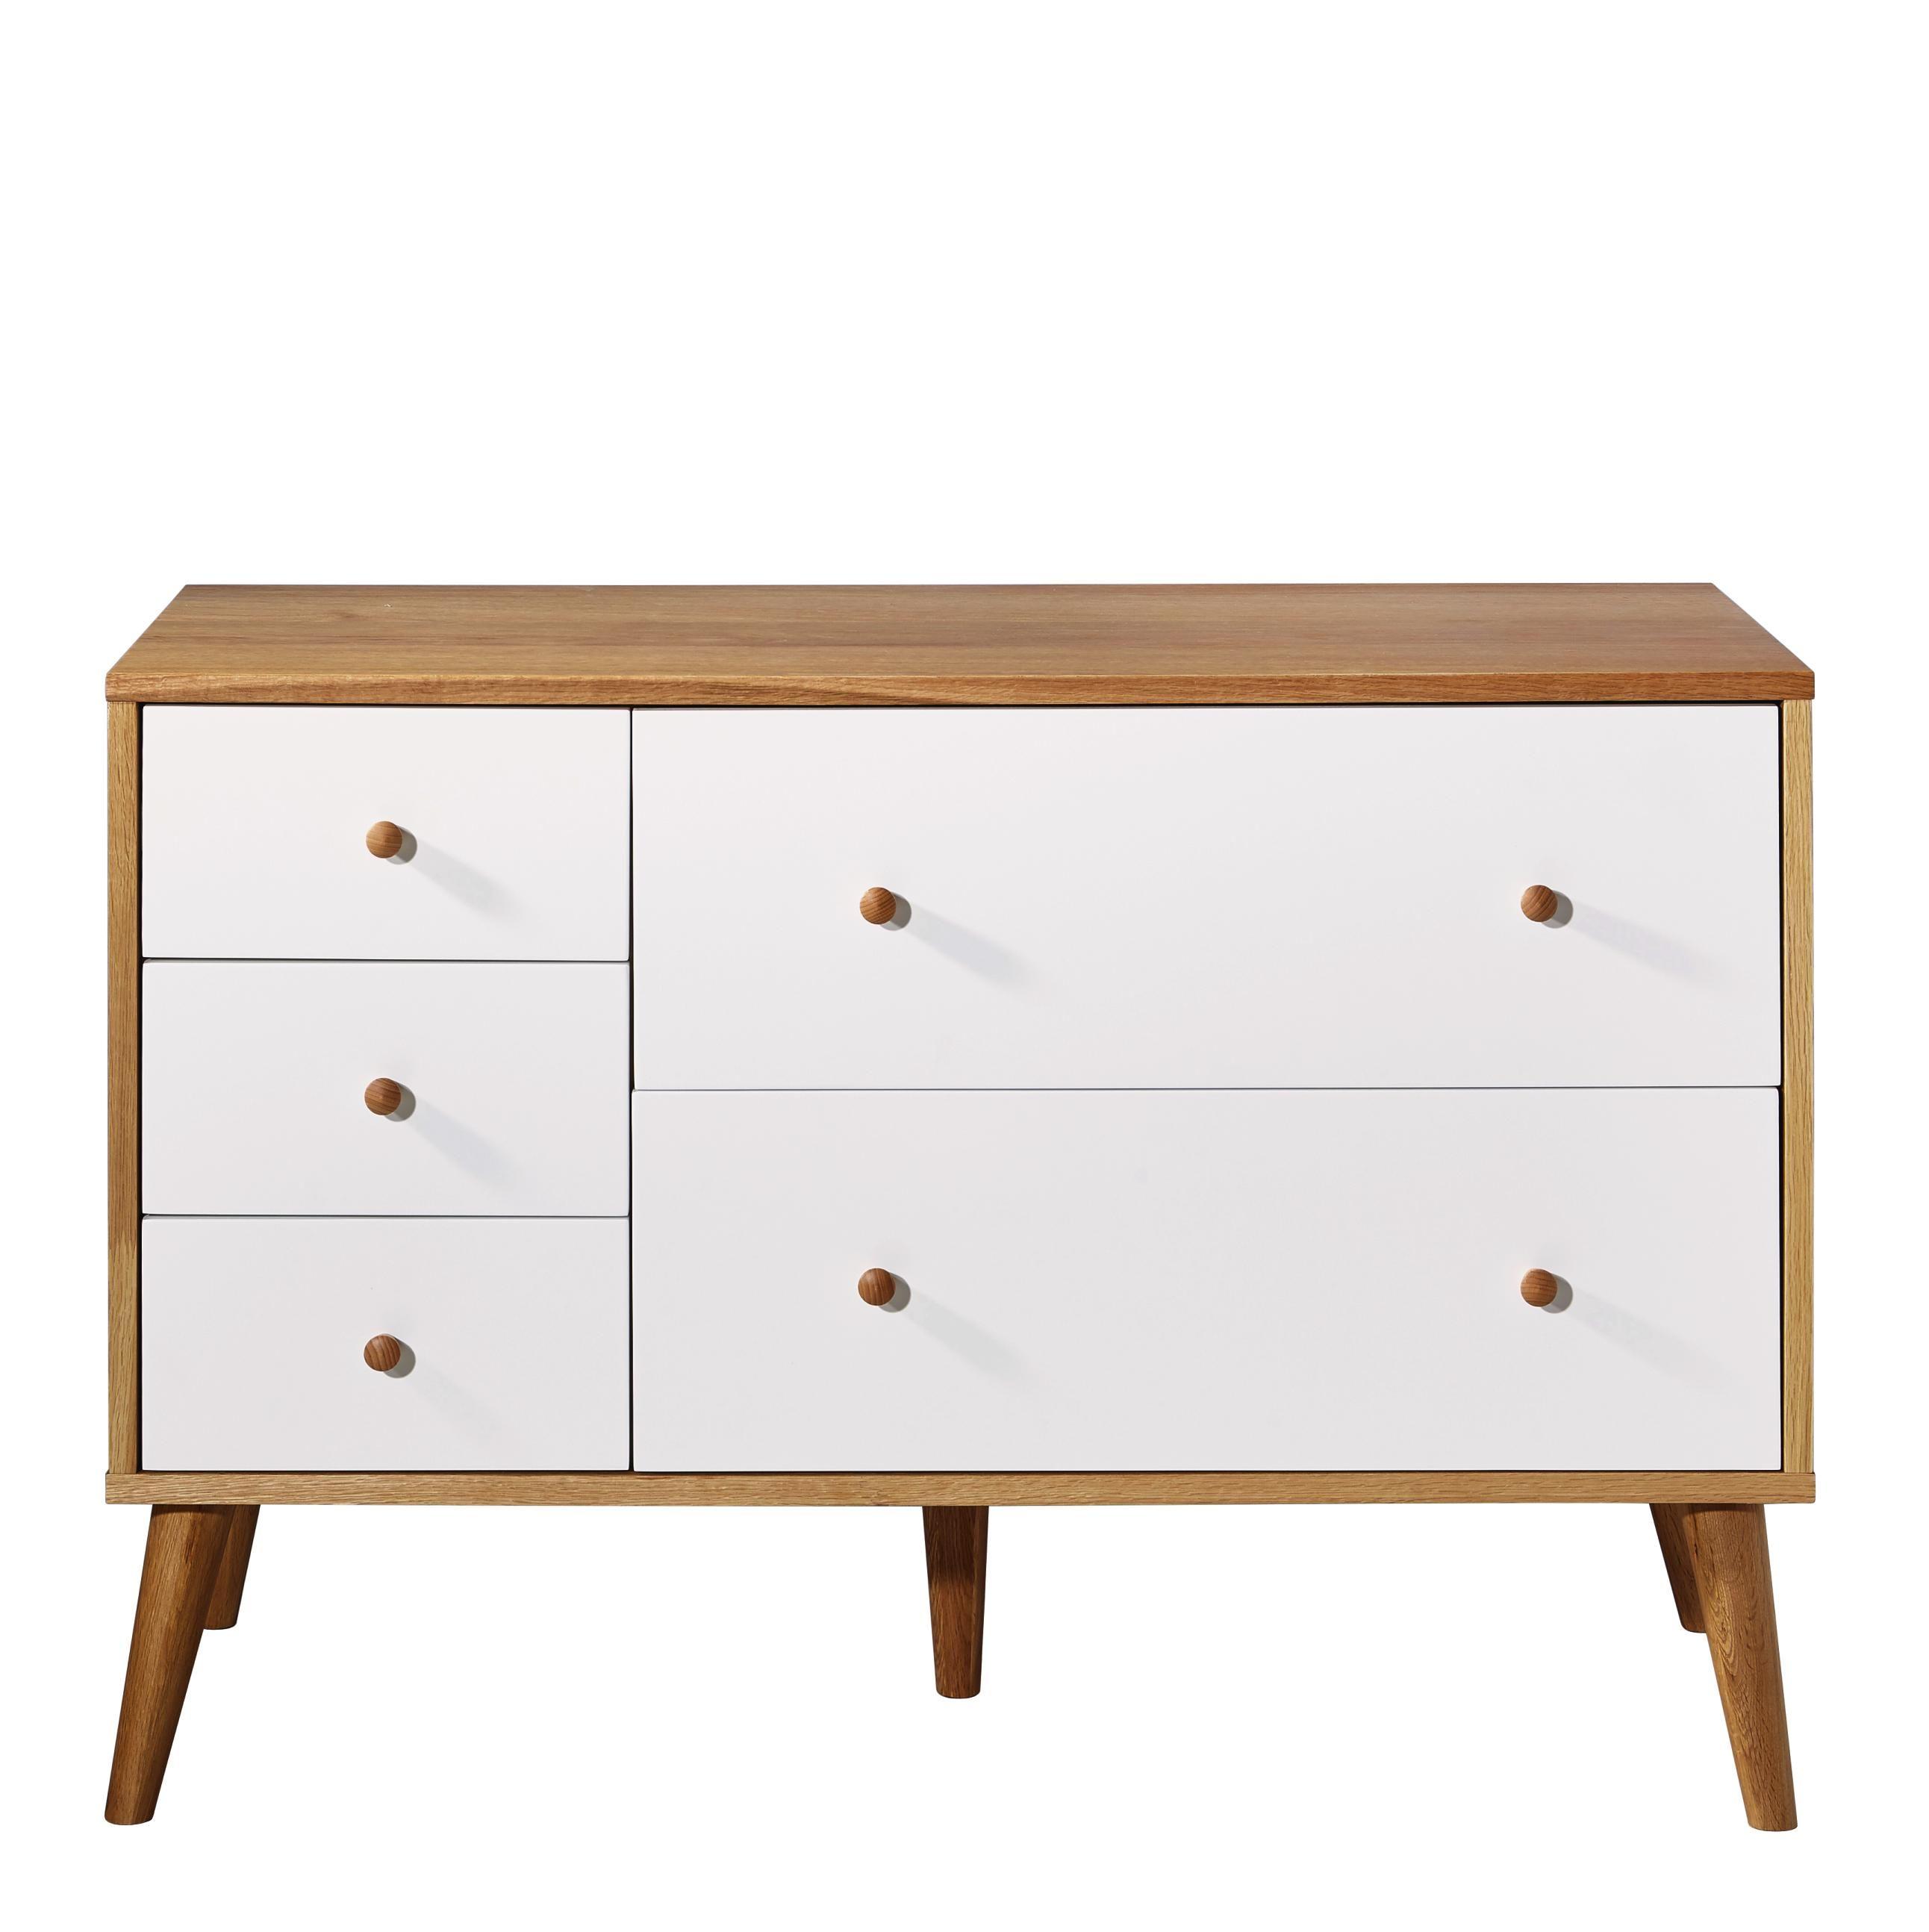 Dieses Praktische Sideboard Von Ambia Home Aus Echtholz Bringt Zusatzlichen Stauraum In Ihr Schlafzimmer Der Schrank Aus Mass Einbauschrank Schrank Schubladen